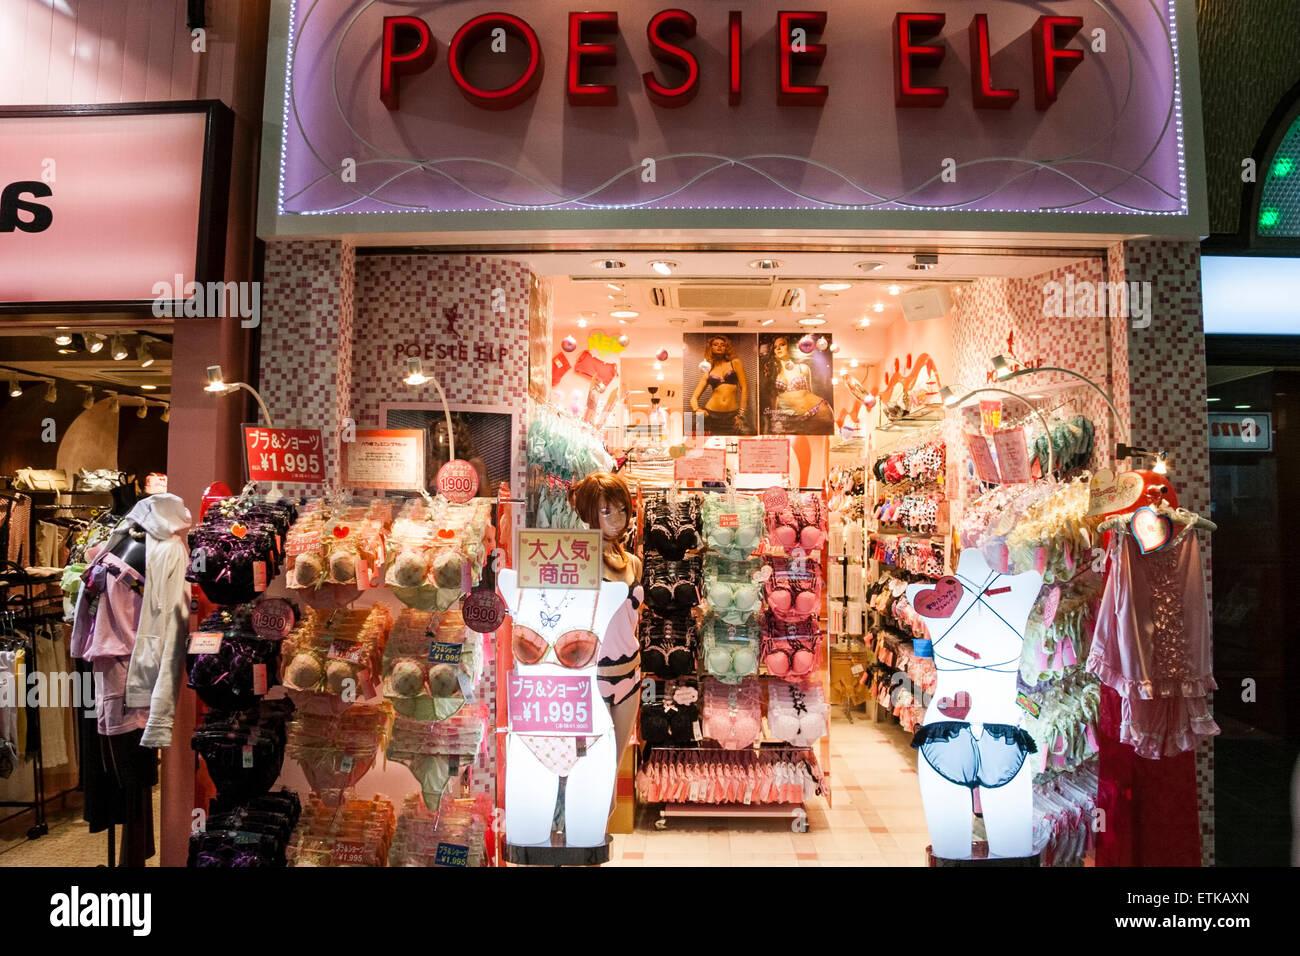 Japan, Osaka, Dotonbori. Lingerie shop, Poesie elf, night time ...